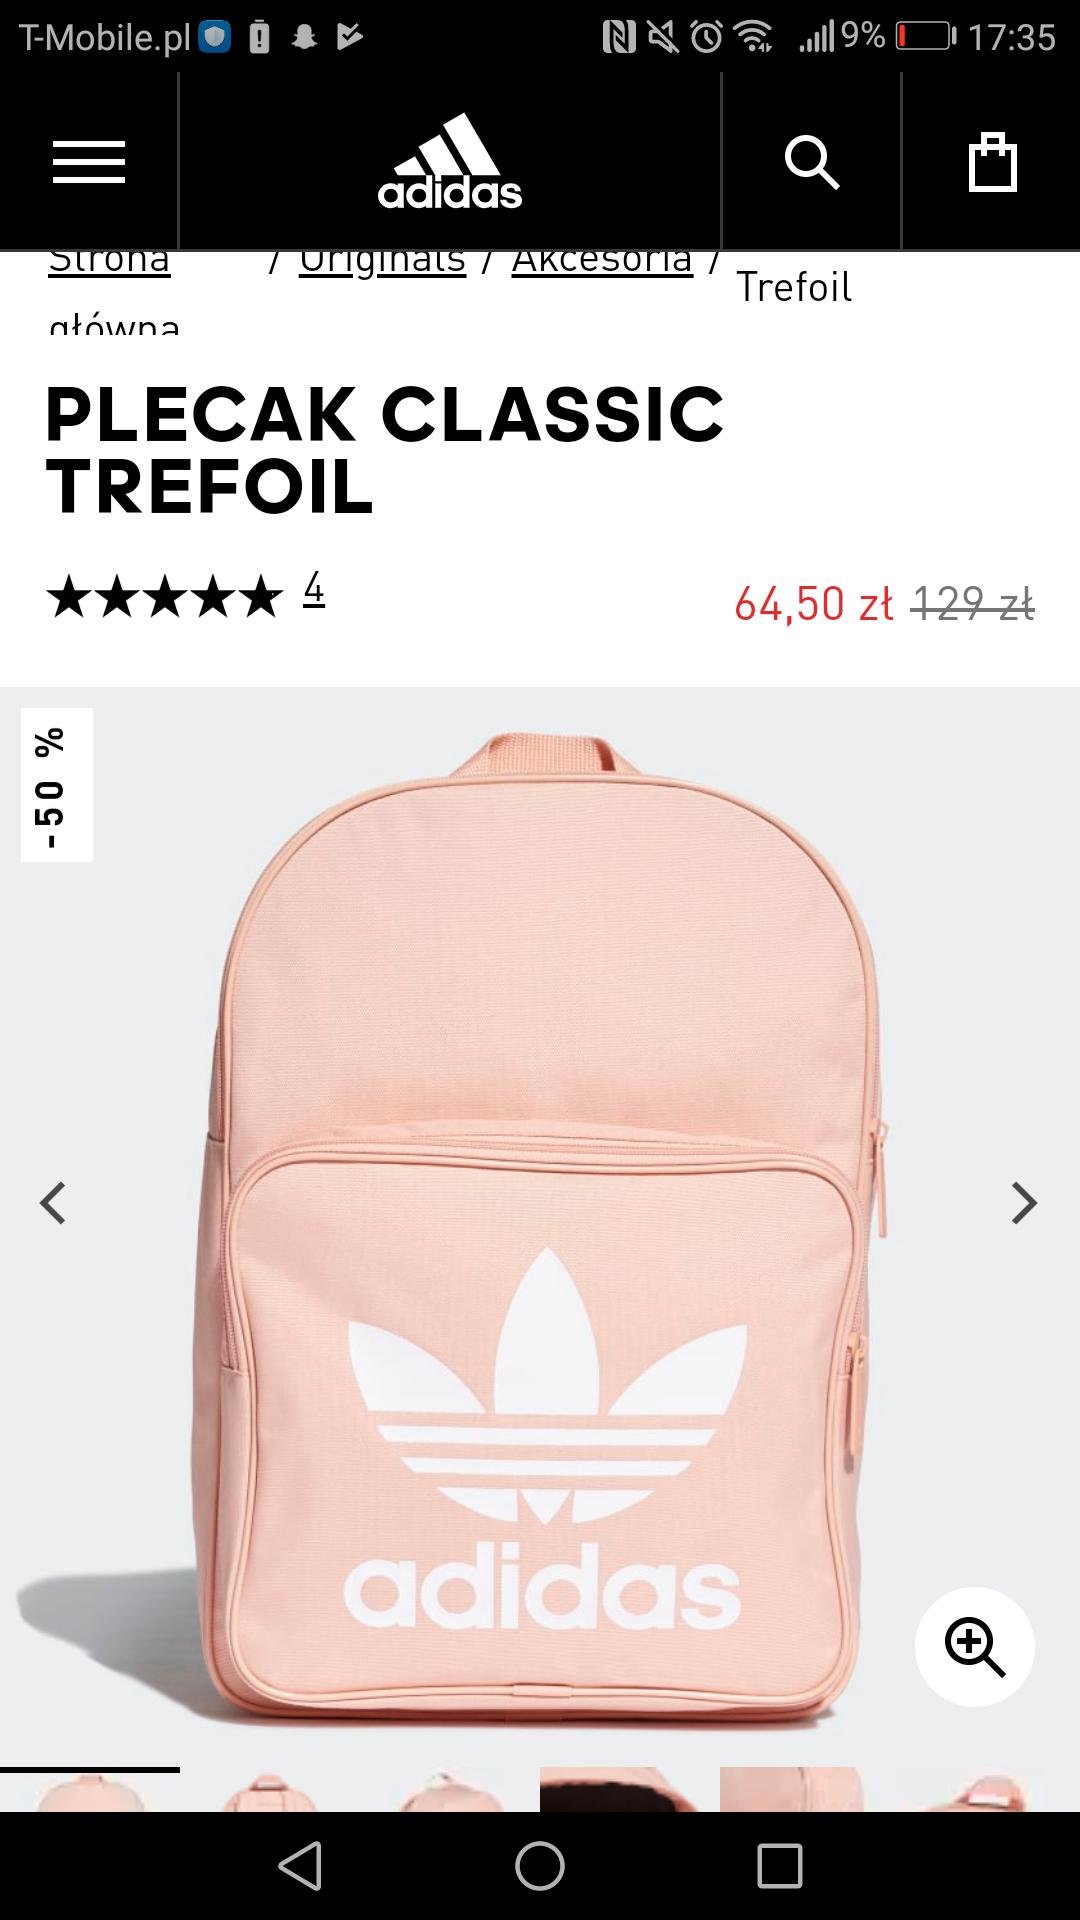 Plecaki adidas po 64zł - różowy 49 - granatowy